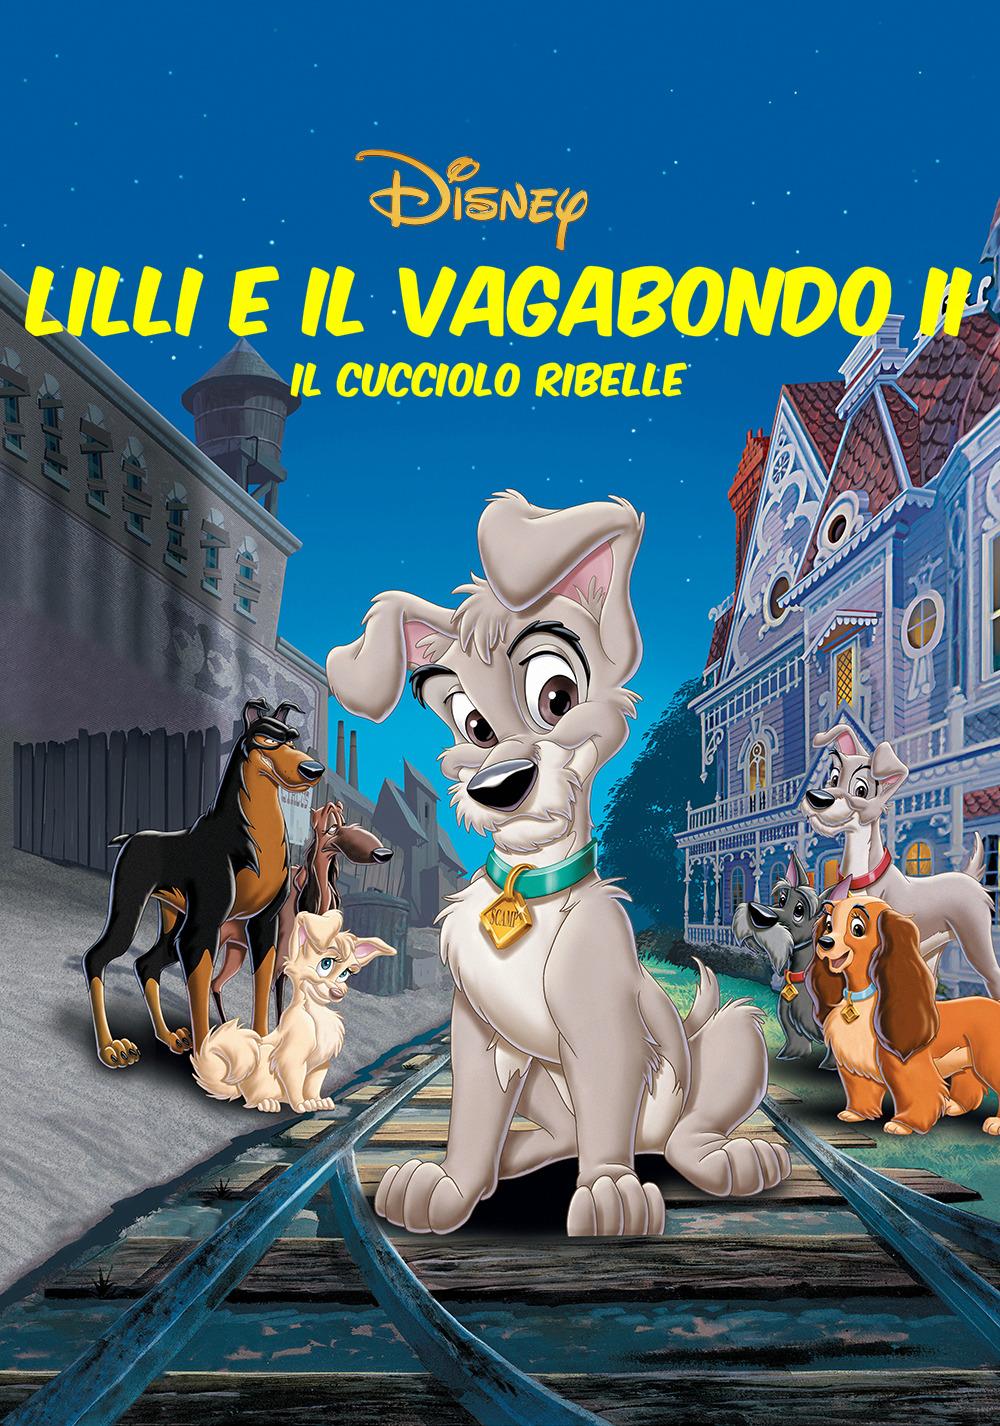 Lilli e il vagabondo II - Il cucciolo ribelle